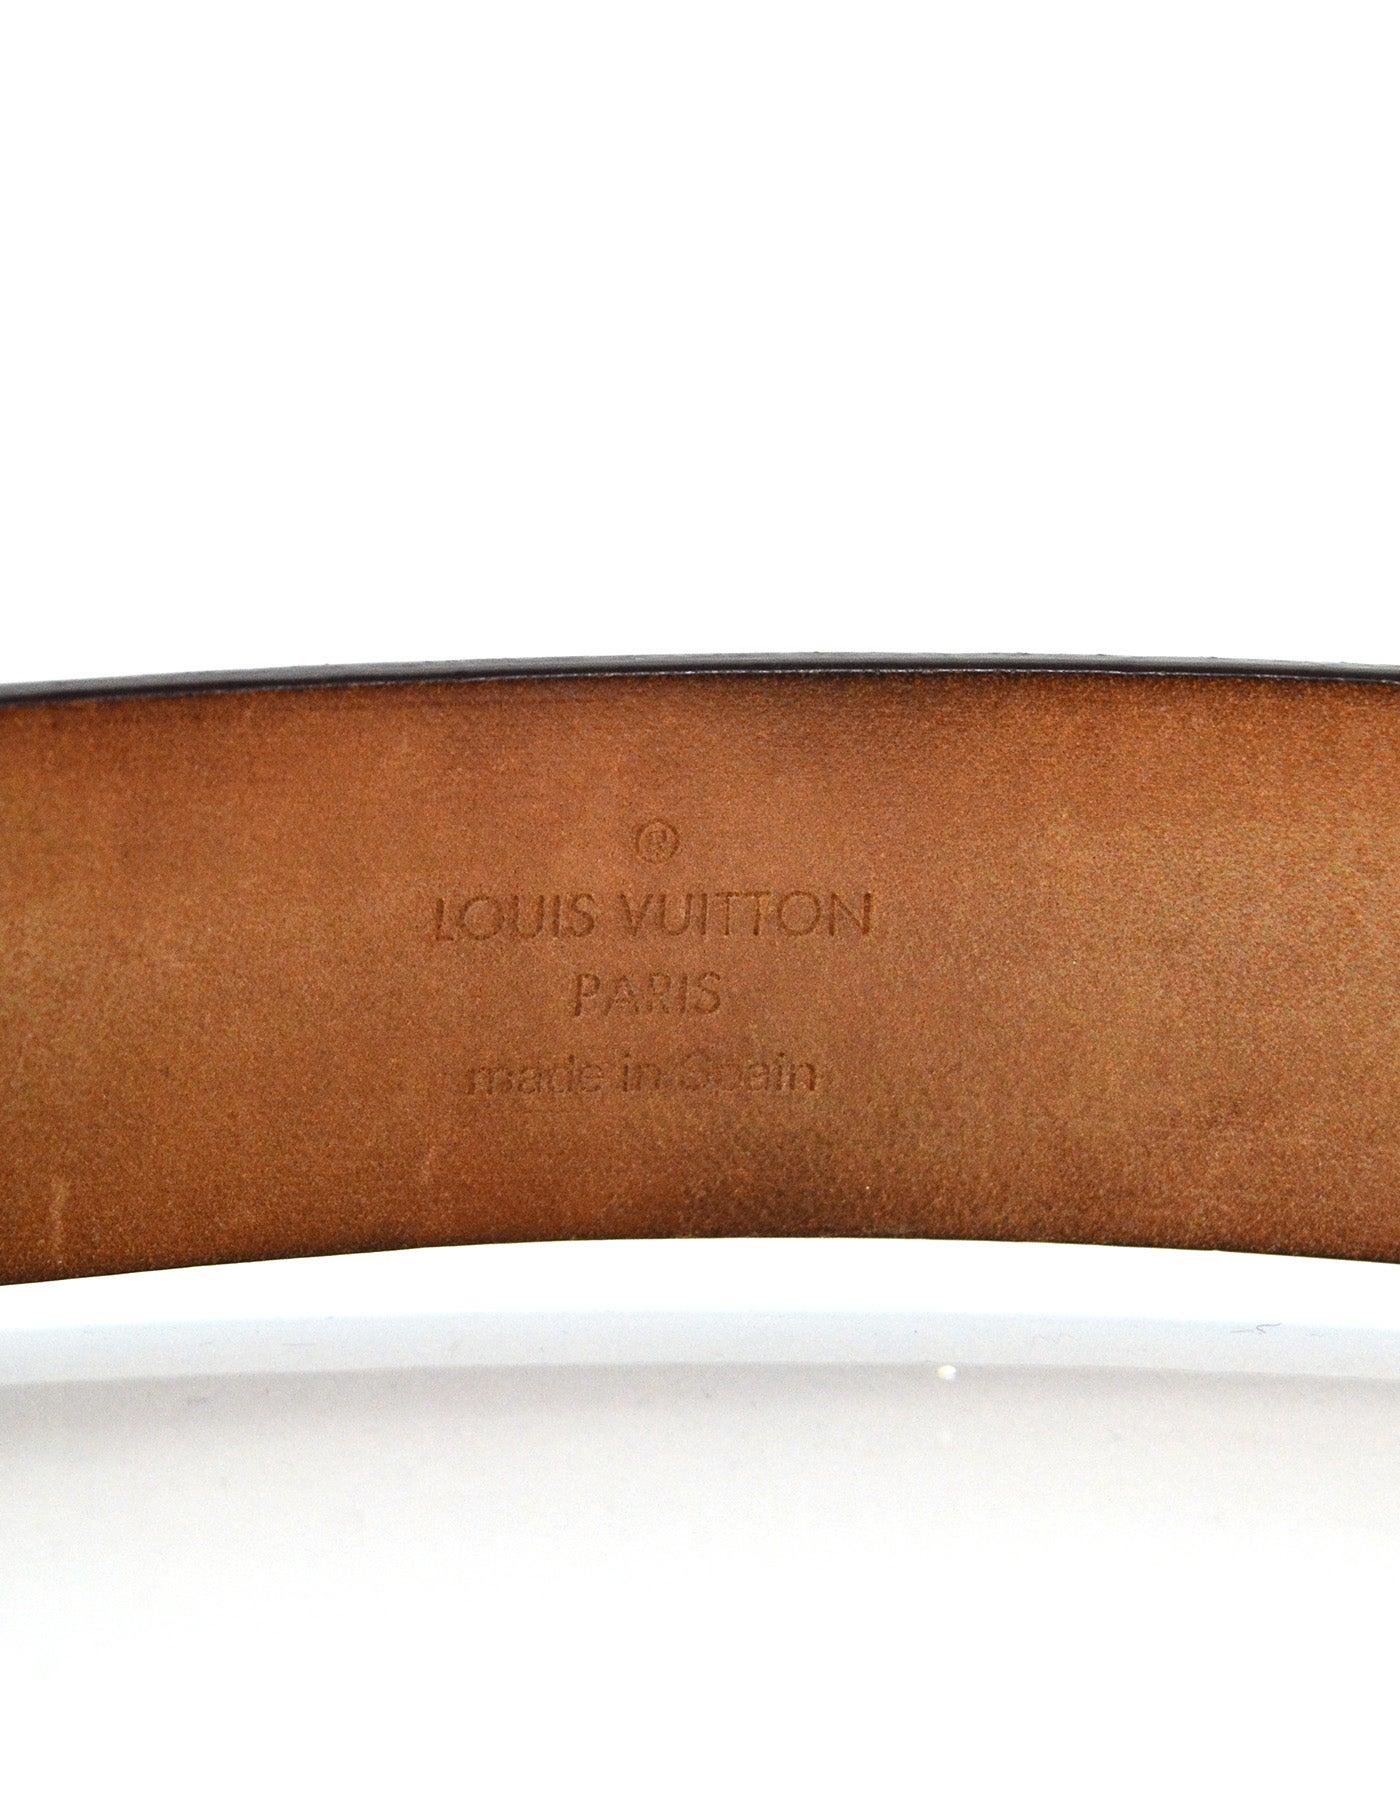 9aaf75dfc324 Louis Vuitton Monogam Ceinture Carre Belt sz 85 34 For Sale at 1stdibs